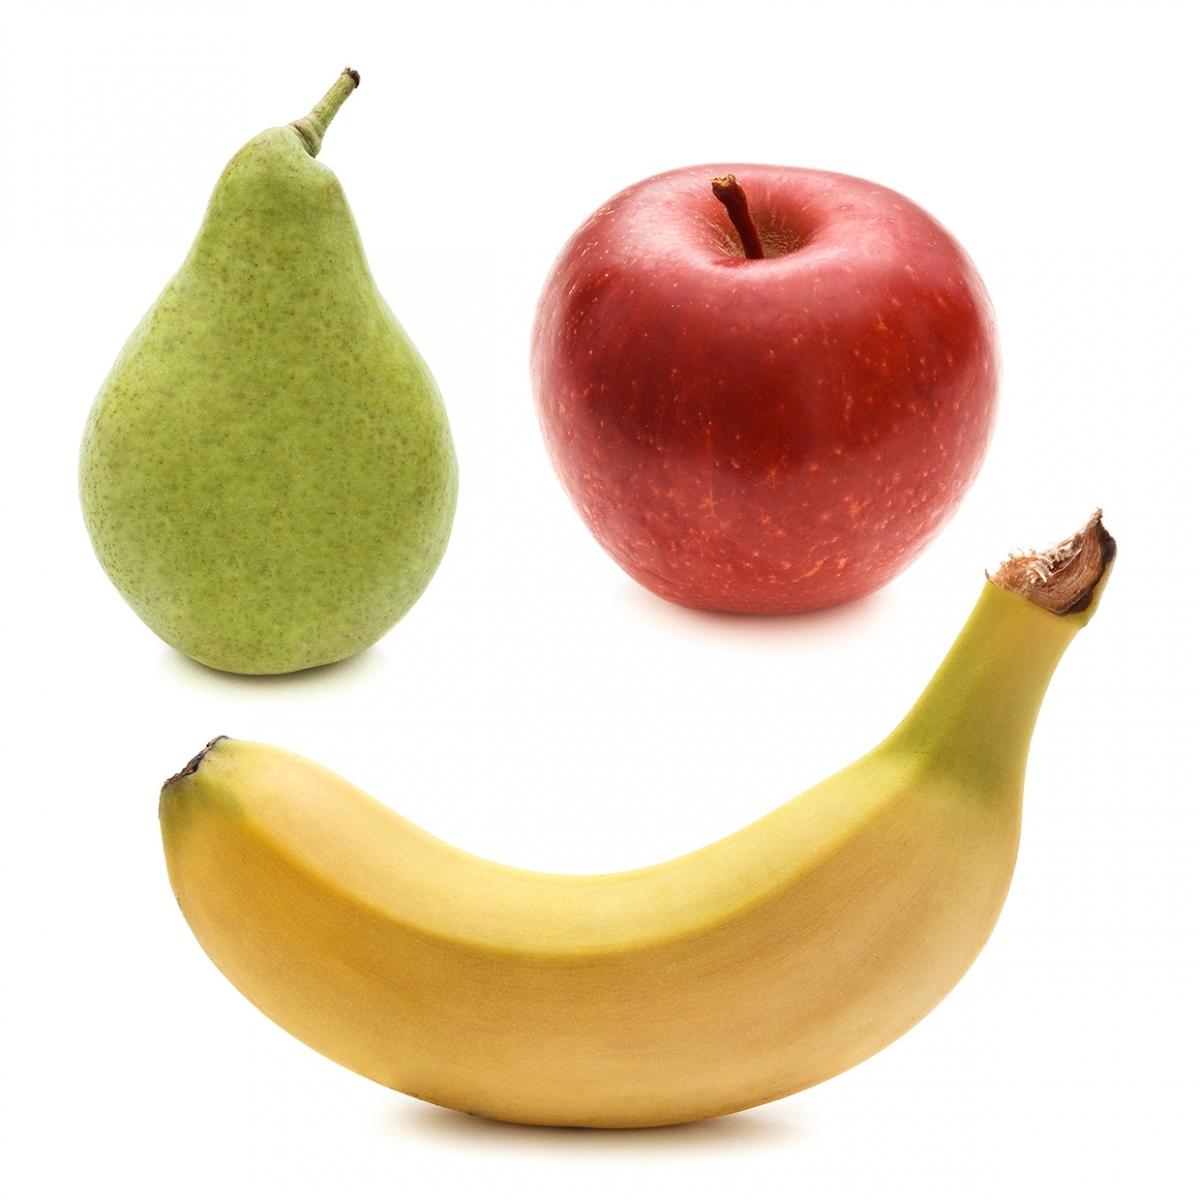 Imagen en la que se ven tres frutas: una pera, una manzana y un plátano